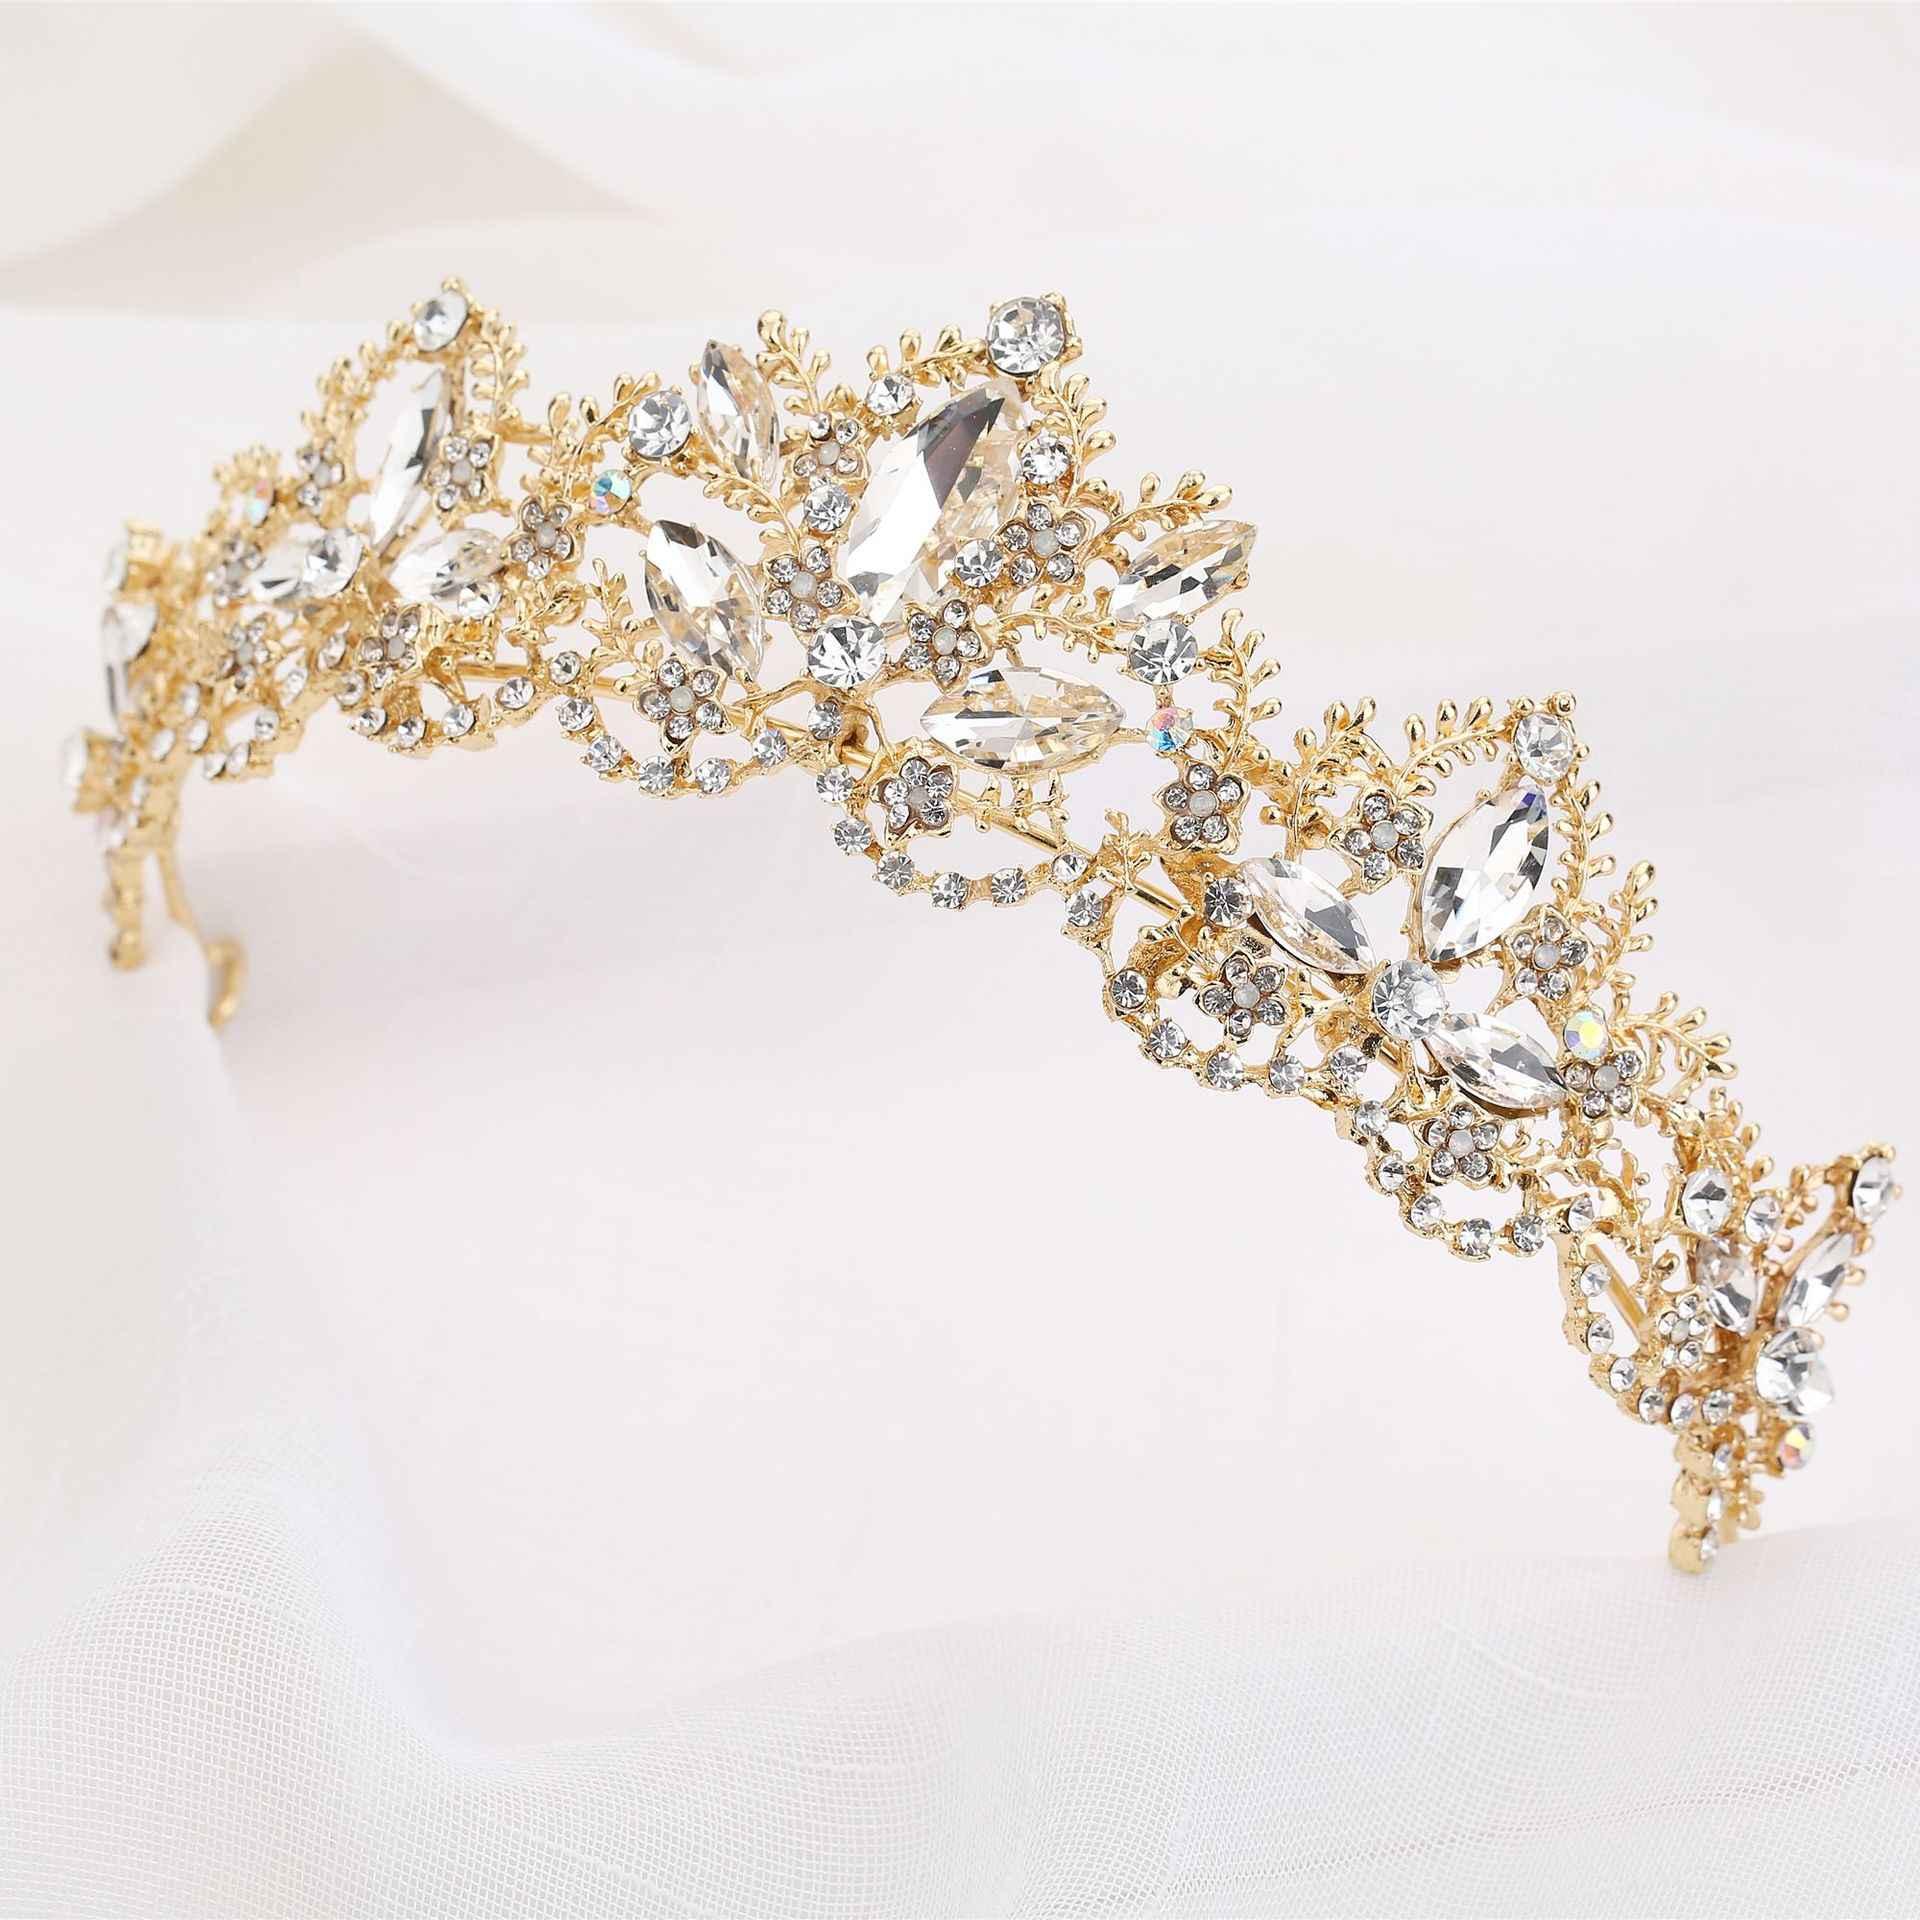 חדש אופנה הבארוק יוקרה קריסטל AB כלה כתר מצנפות אור זהב ניזר מצנפות חתונת כלה נשים שיער אבזרים